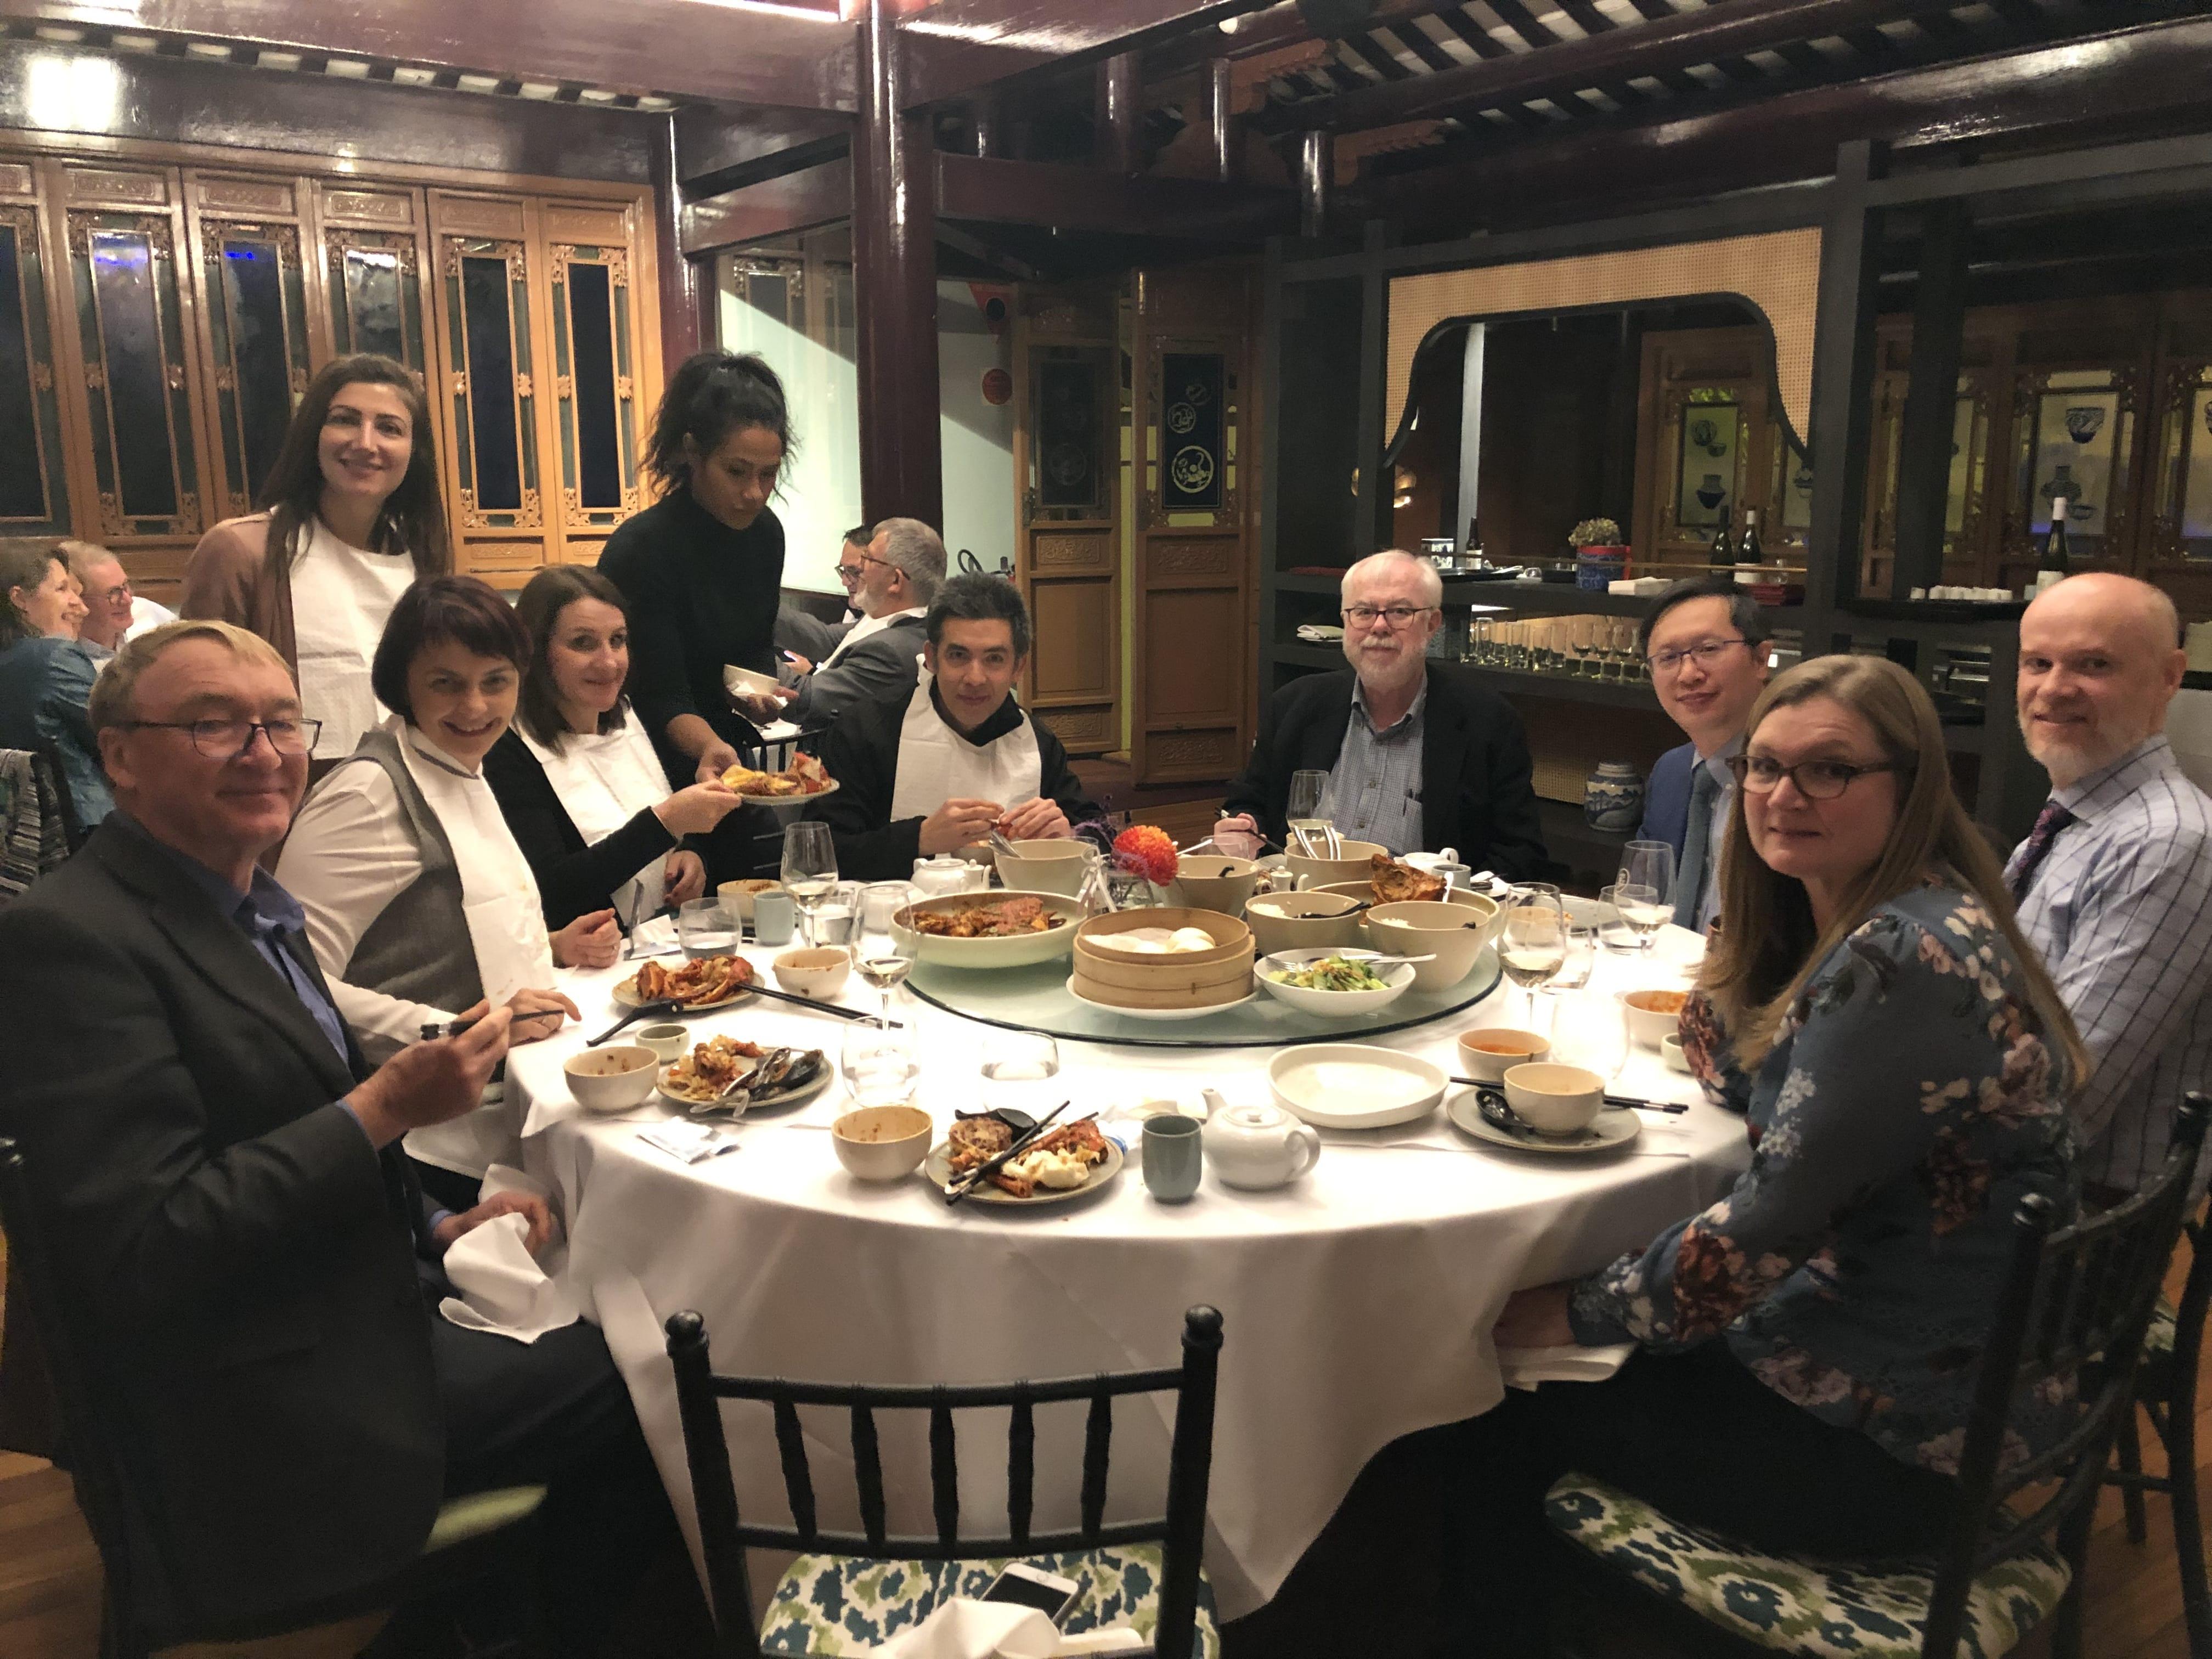 Pre-meeting Dinner Aust IAP speakers and board members.